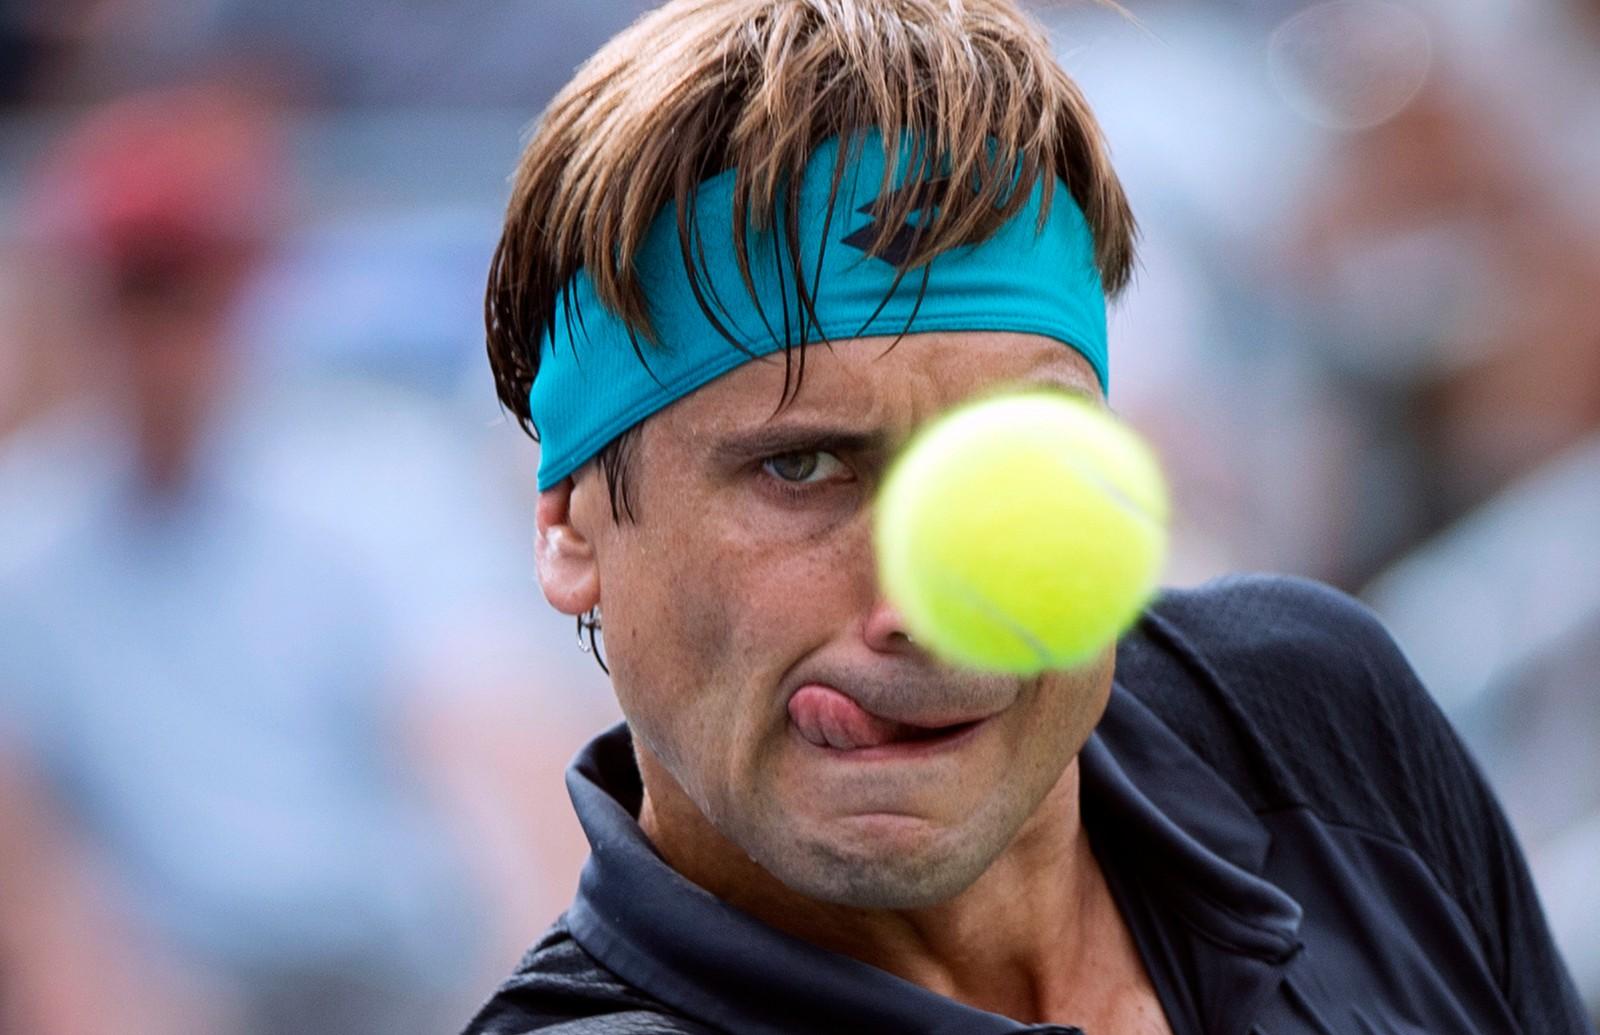 David Ferrer fra Spania i full konsentrasjon under tenniskampen mot Roger Federer i Rogers Cup i Montreal i Canada torsdag. Federer, som fylte 36 år samme dag, vant til slutt 4-6, 6-4, 6-2, og gikk videre til kvartfinalen.